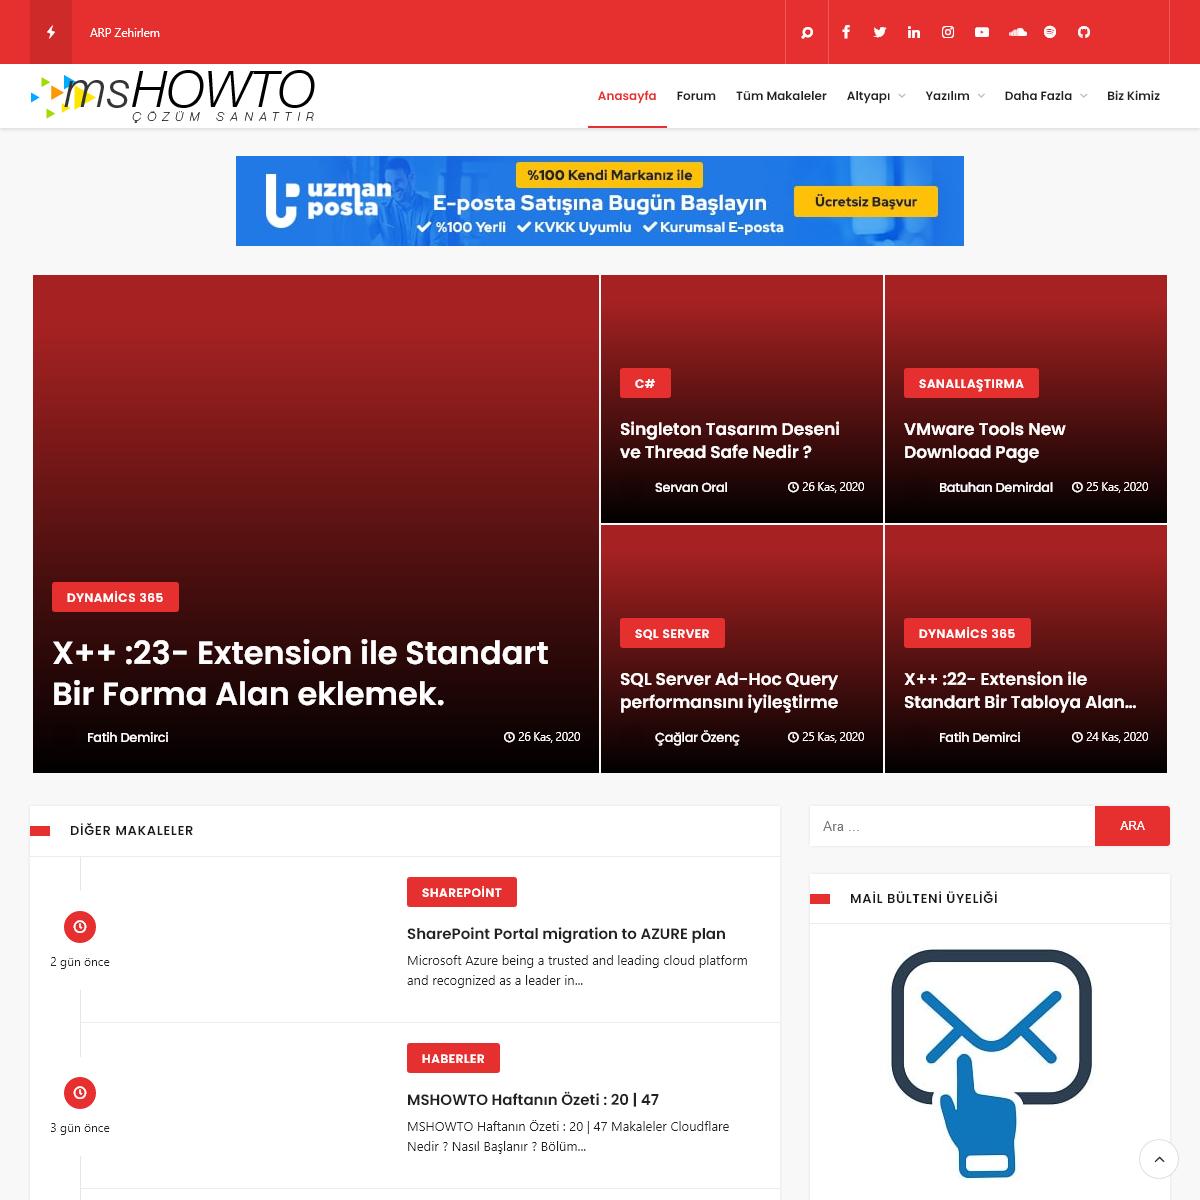 MSHOWTO Topluluğu ve Bilişim Portalı - Makaleler ve Teknoloji ile İlgili Herşey